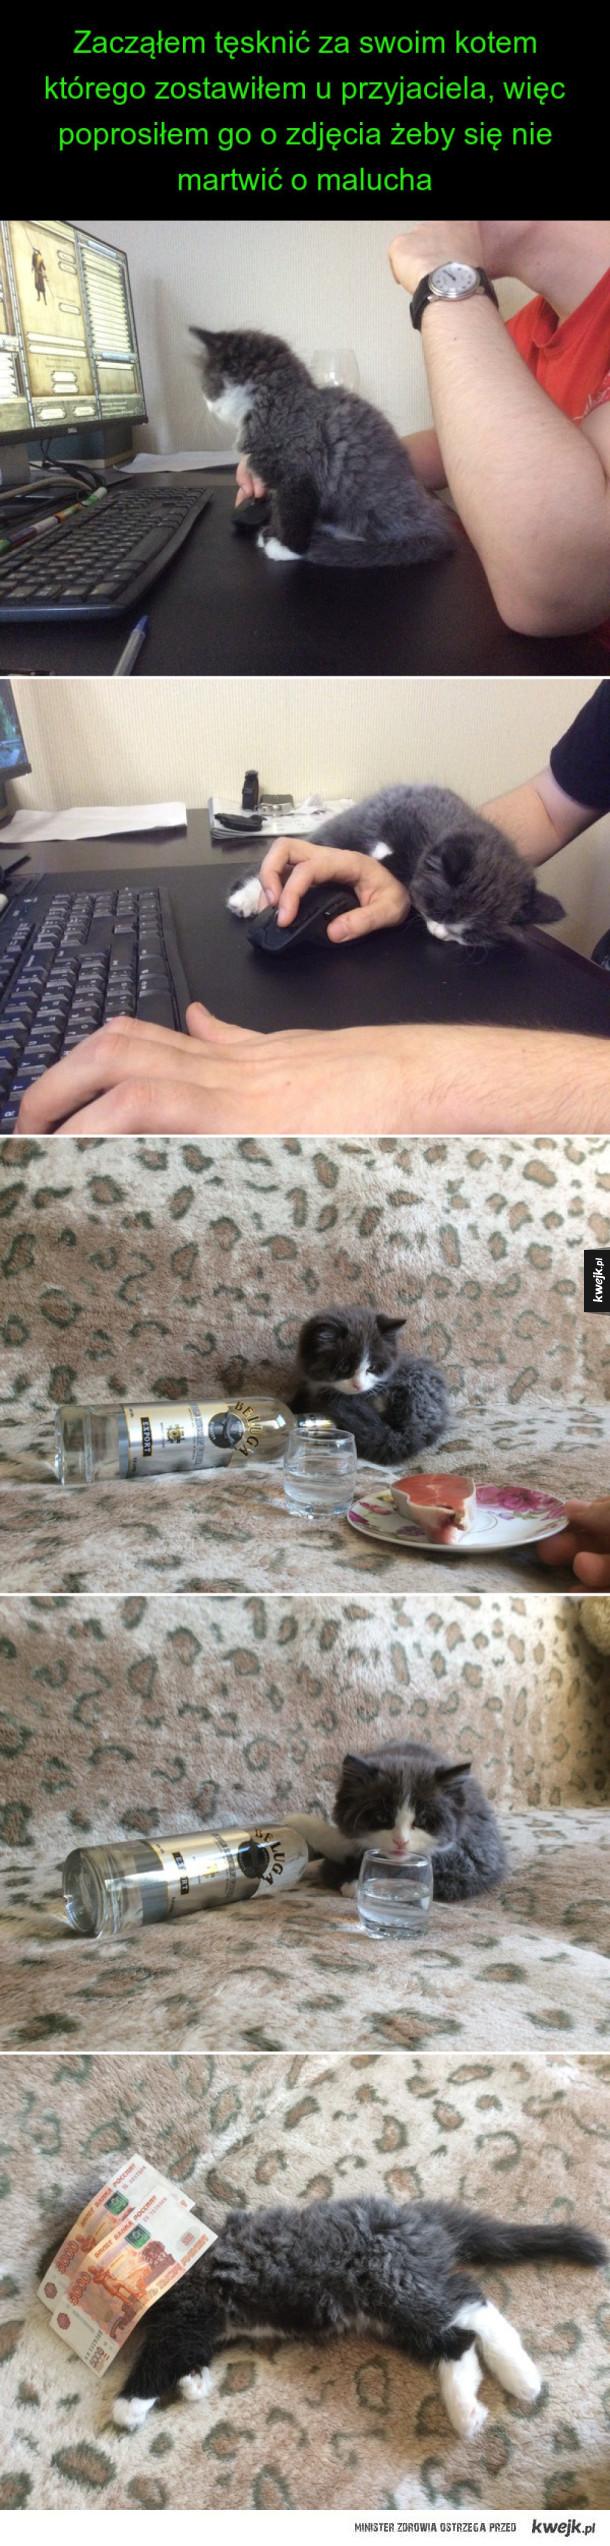 zostawiony kot u kolegi